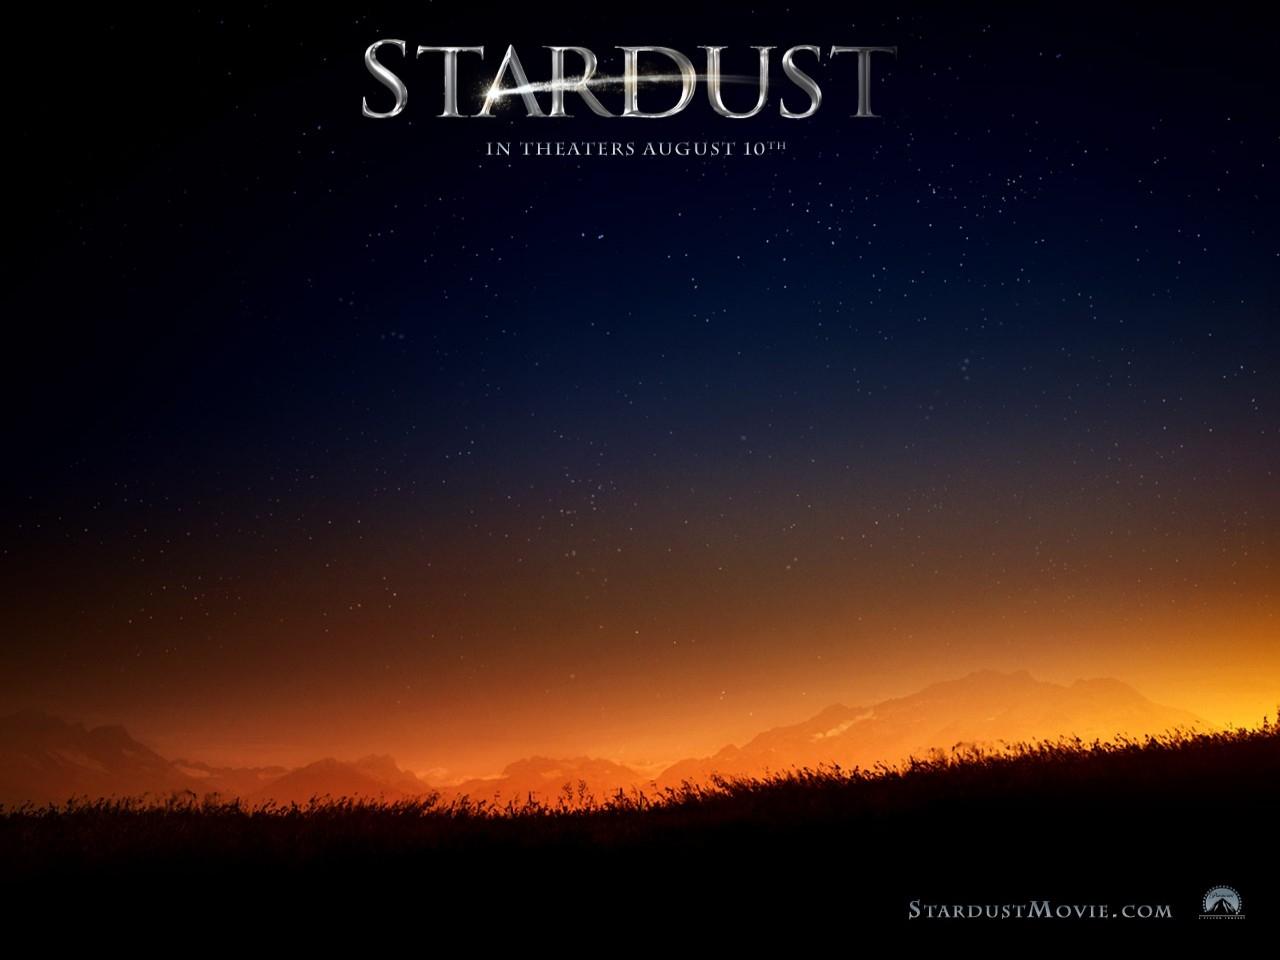 Wallpaper del film Stardust con un suggestivo paesaggio